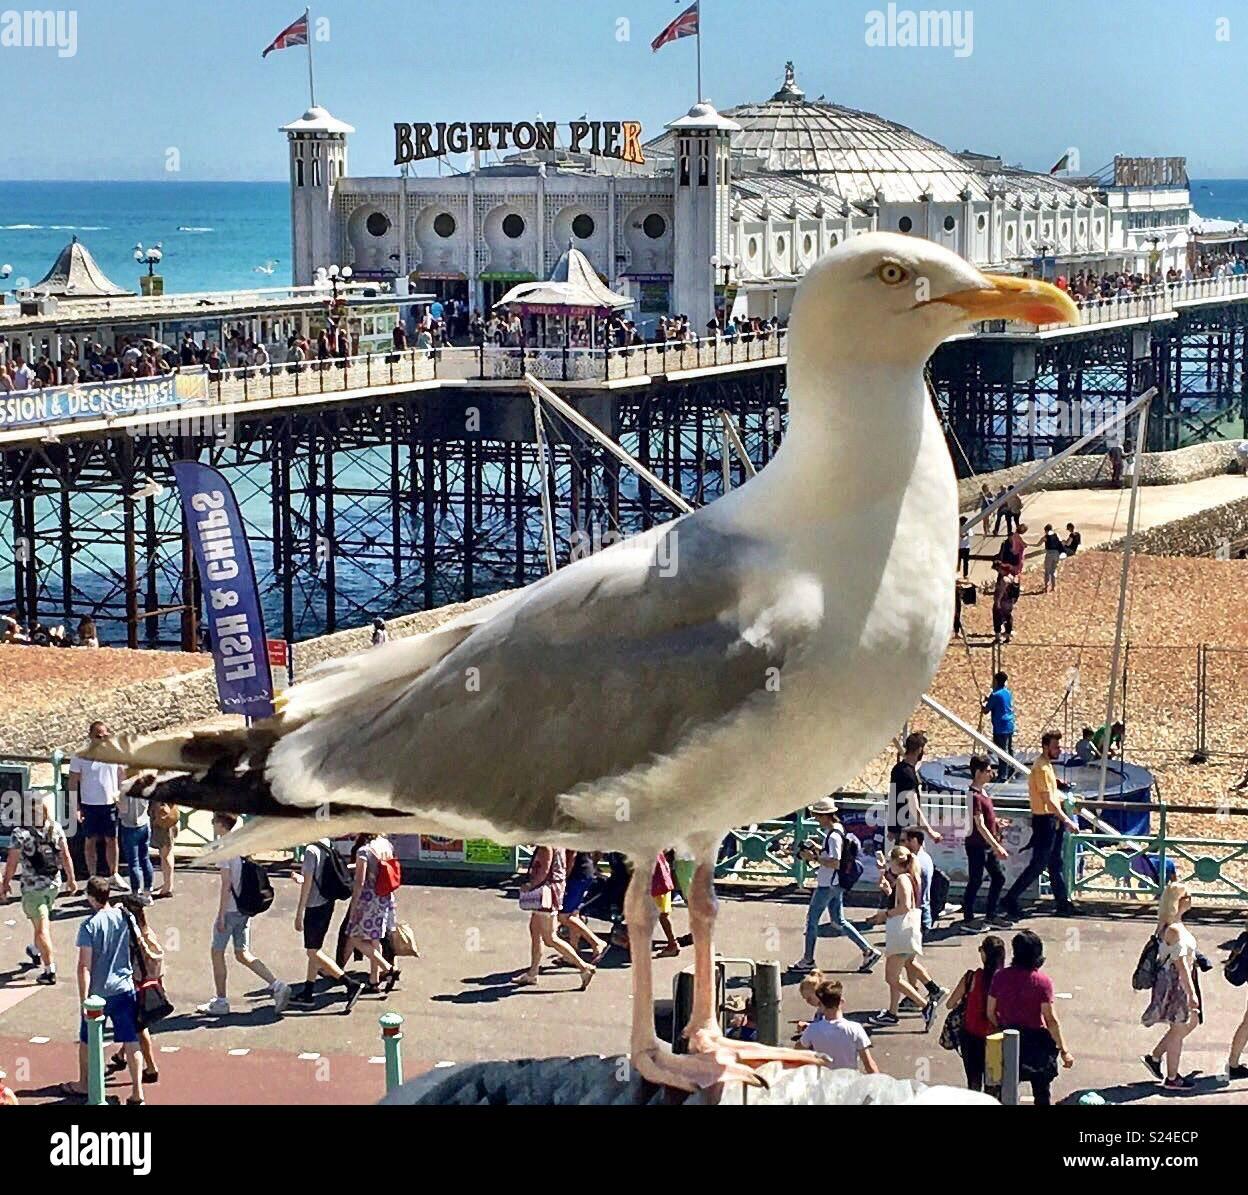 Giant seagull near Brighton pier - Stock Image